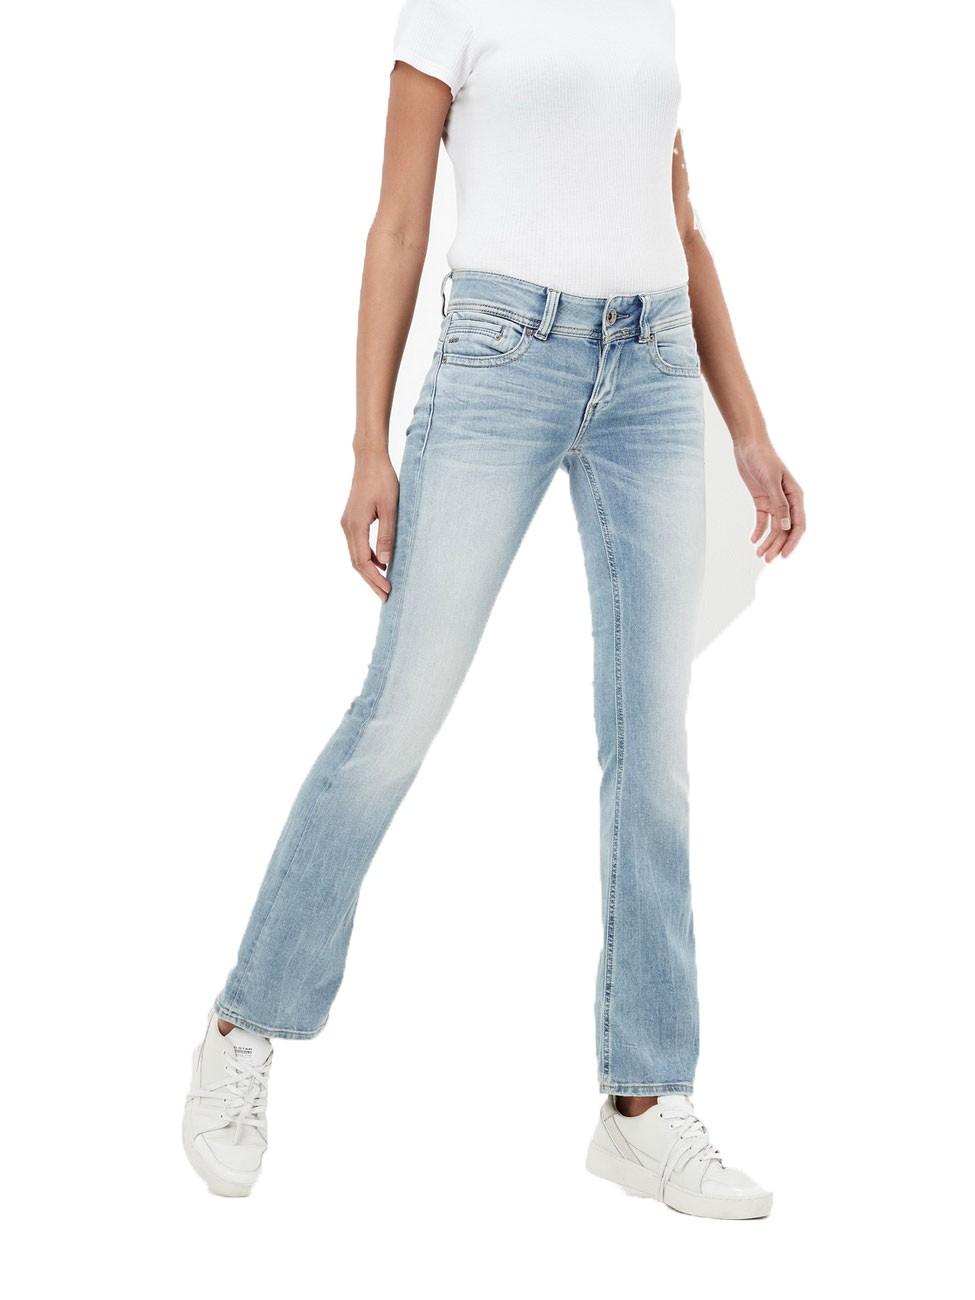 g star damen jeans midge saddle straight fit light aged. Black Bedroom Furniture Sets. Home Design Ideas